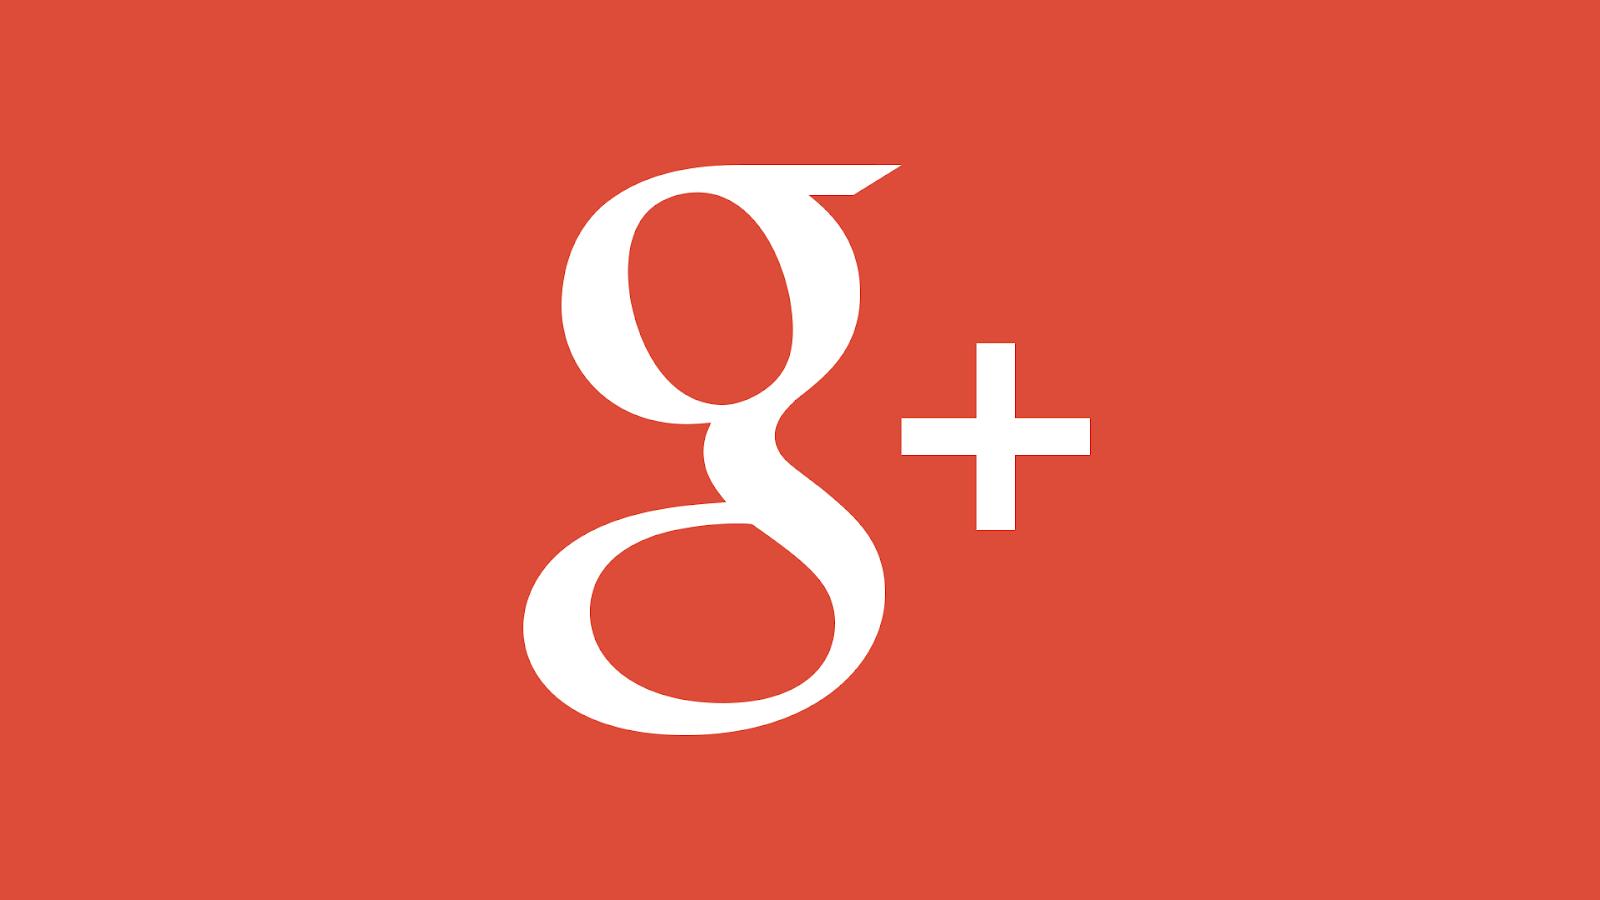 google-plus-logo-1920.png